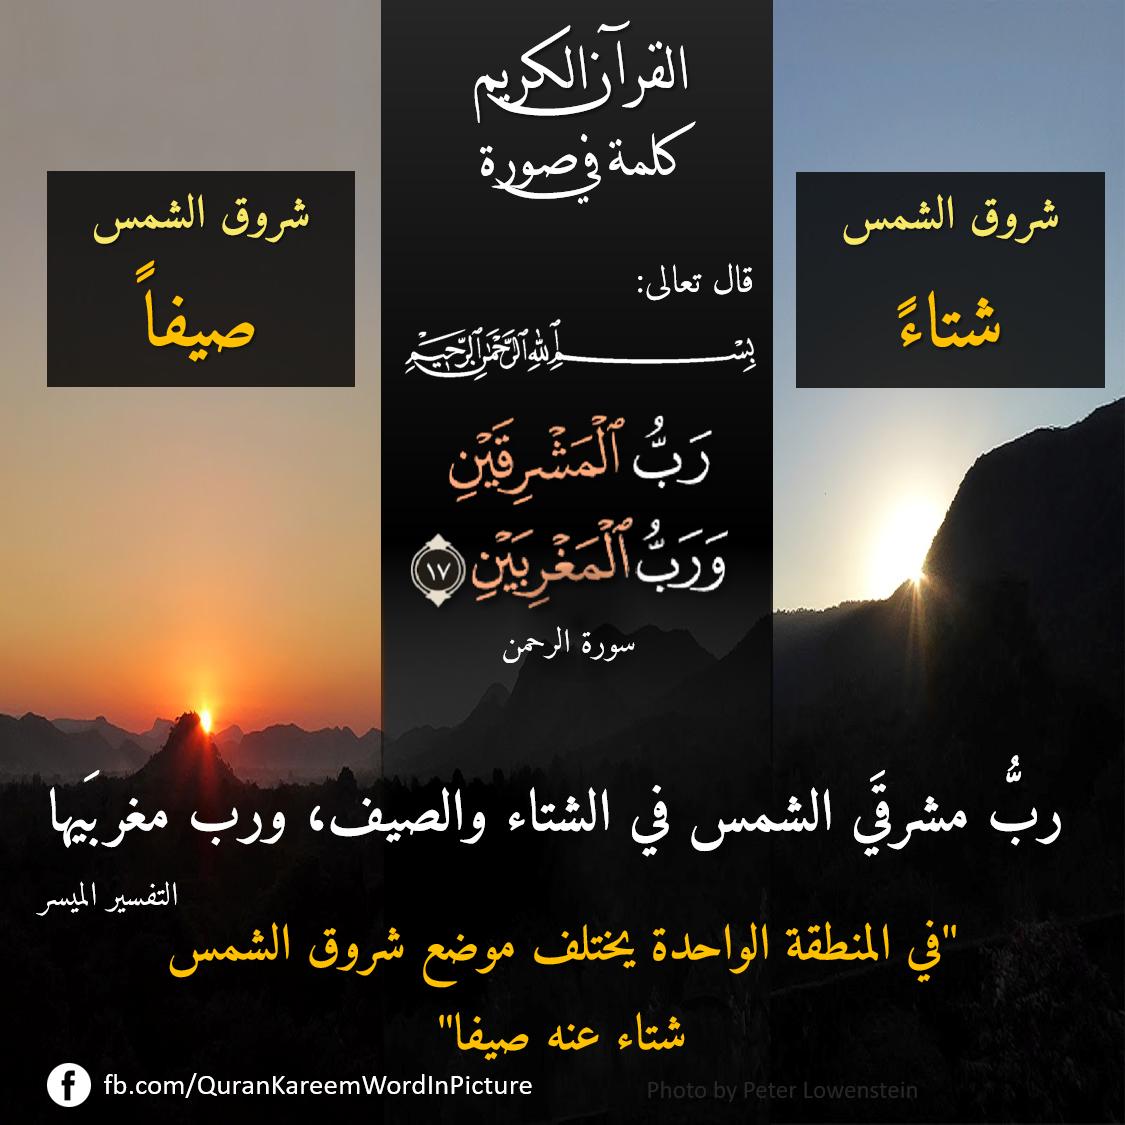 المشرقي ن مرتان في القرآن المغربي ن وحيدة رب المشرقين ورب المغربين الرحمن ١٧ In 2021 Quran Quotes Quran Photo